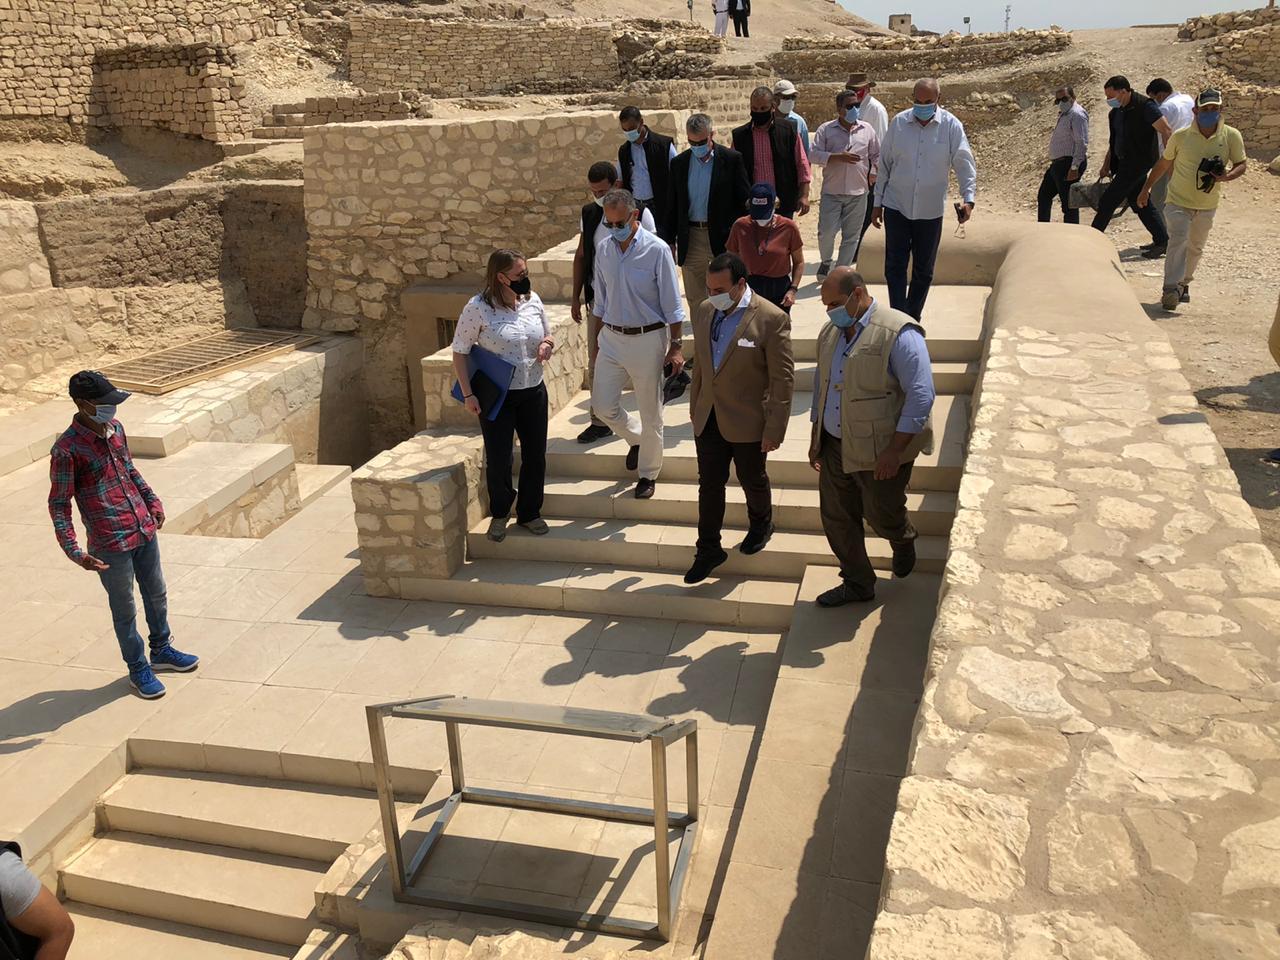 السفير الأمريكى بالقاهرة ونائب محافظ الأقصر يتفقدان مقابر ذراع أبو النجا  (6)